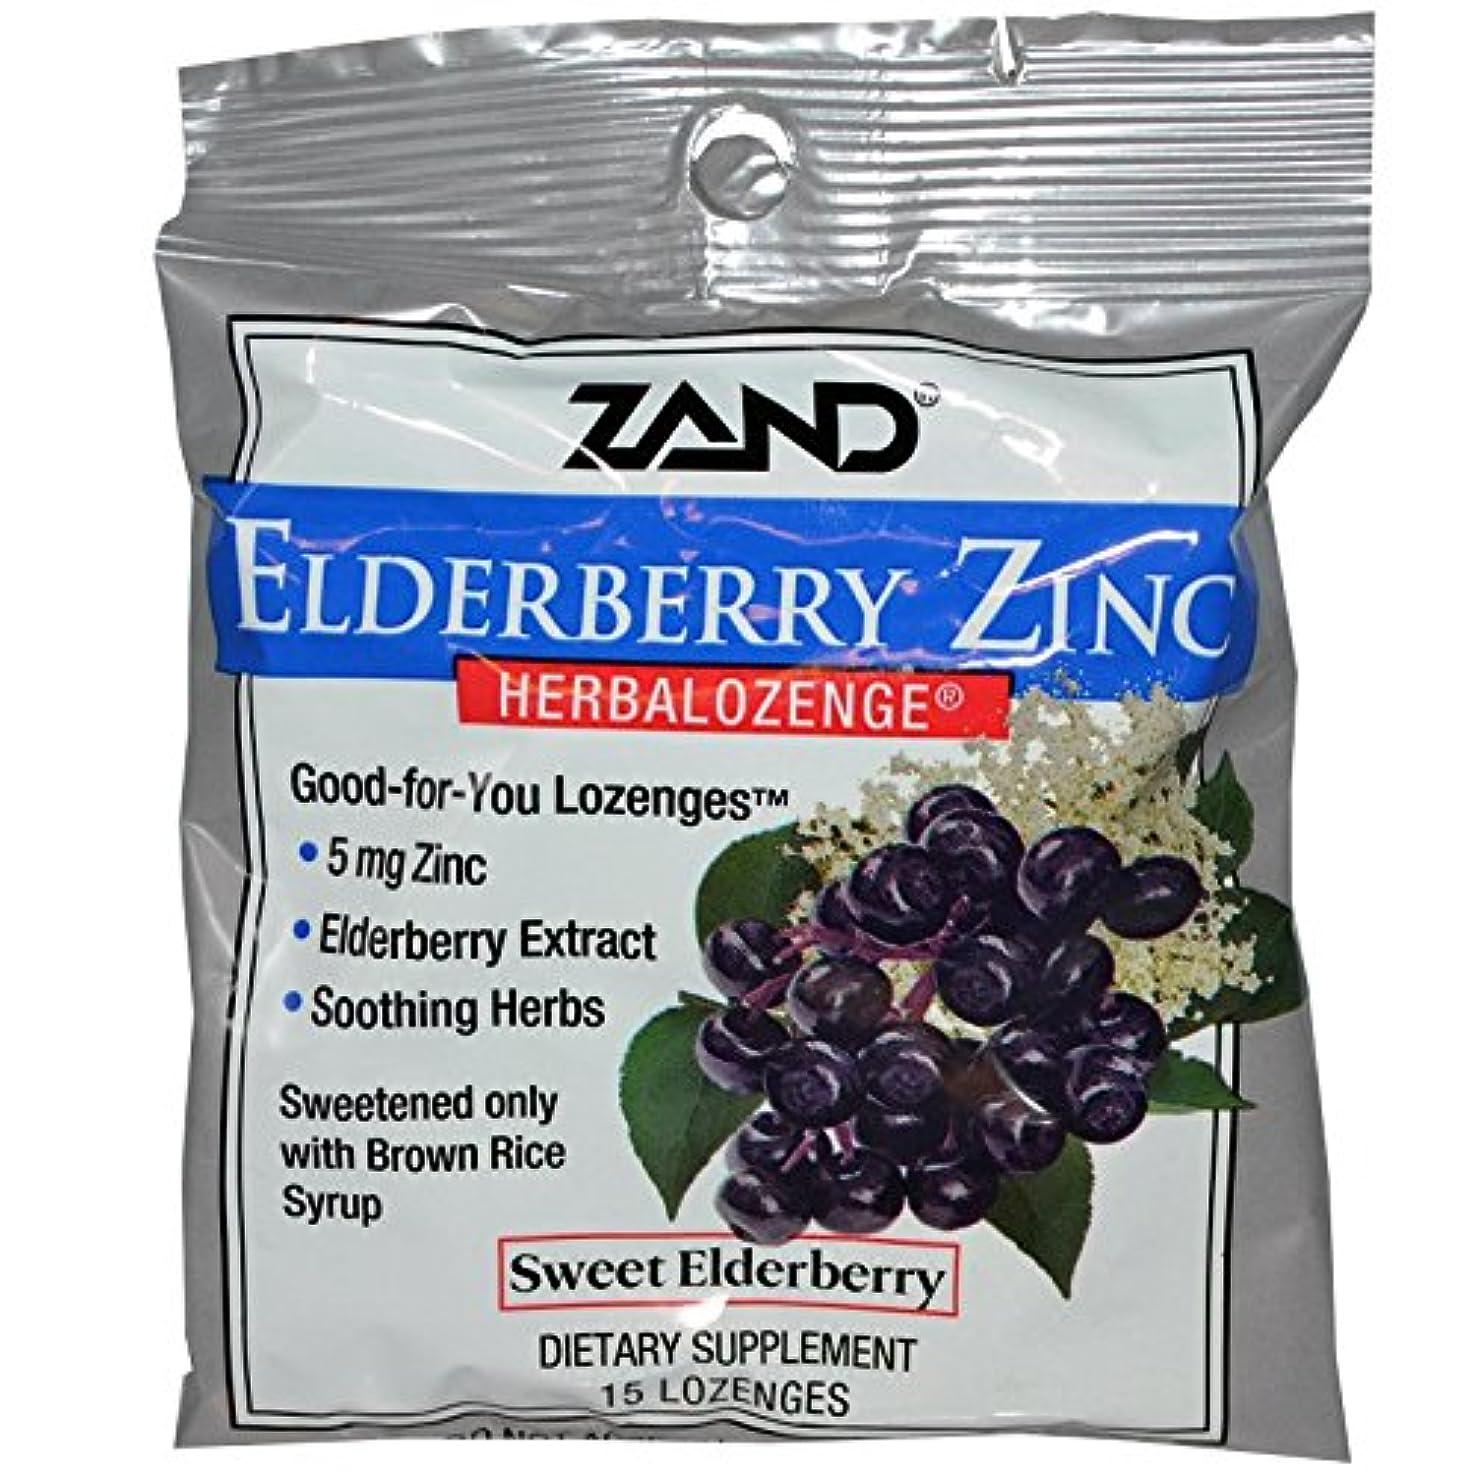 遅らせるキリン豆腐Zand, Elderberry Zinc、Herbalozenge、エルダーベリー、亜鉛 キャンディートローチ【2個組】 [並行輸入品]